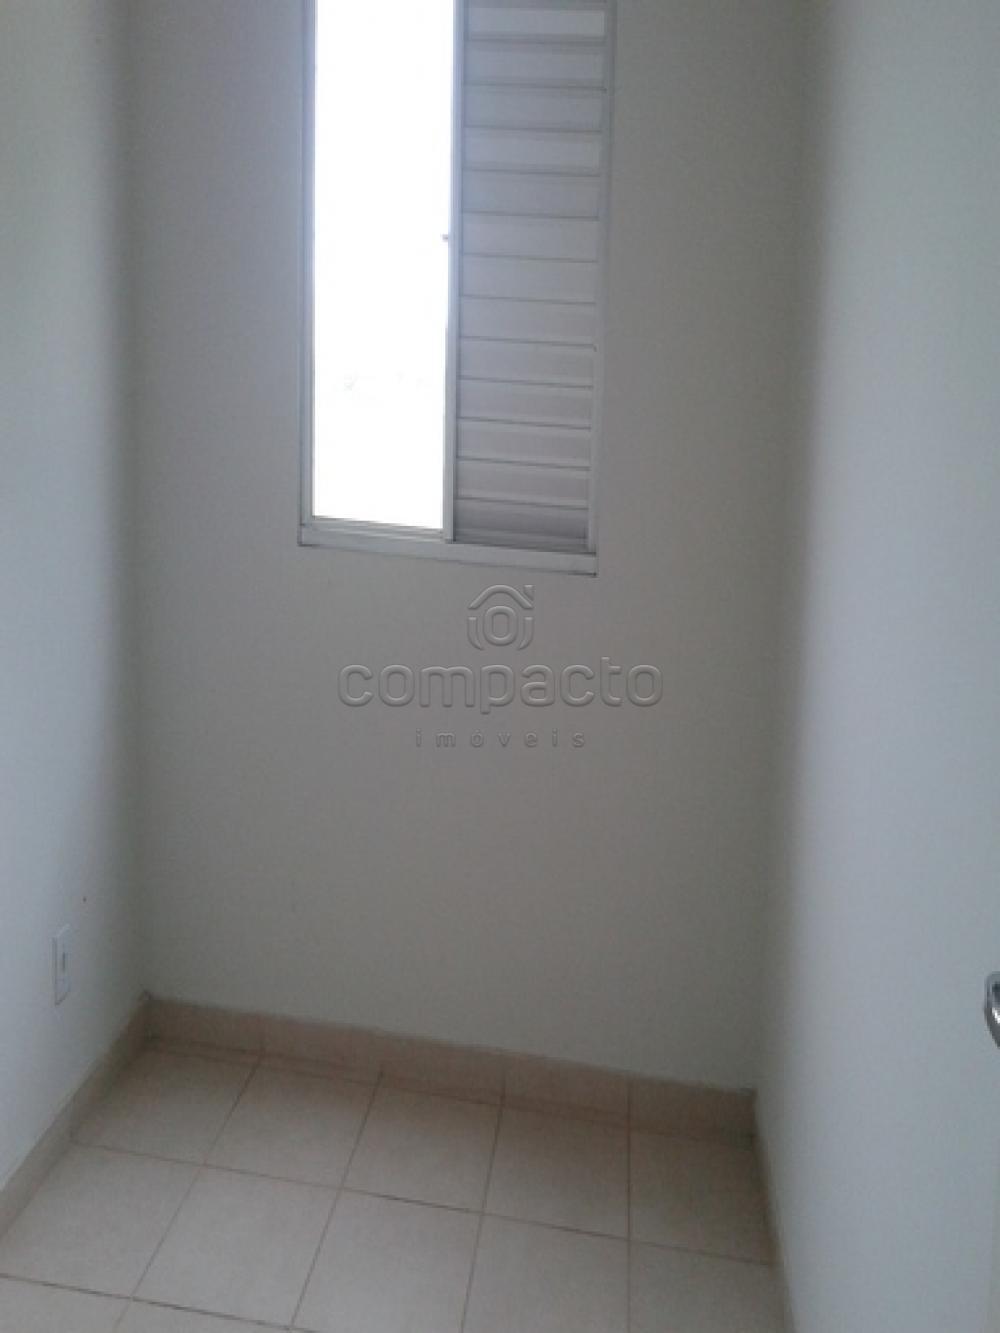 Alugar Apartamento / Padrão em São Carlos apenas R$ 1.060,00 - Foto 8